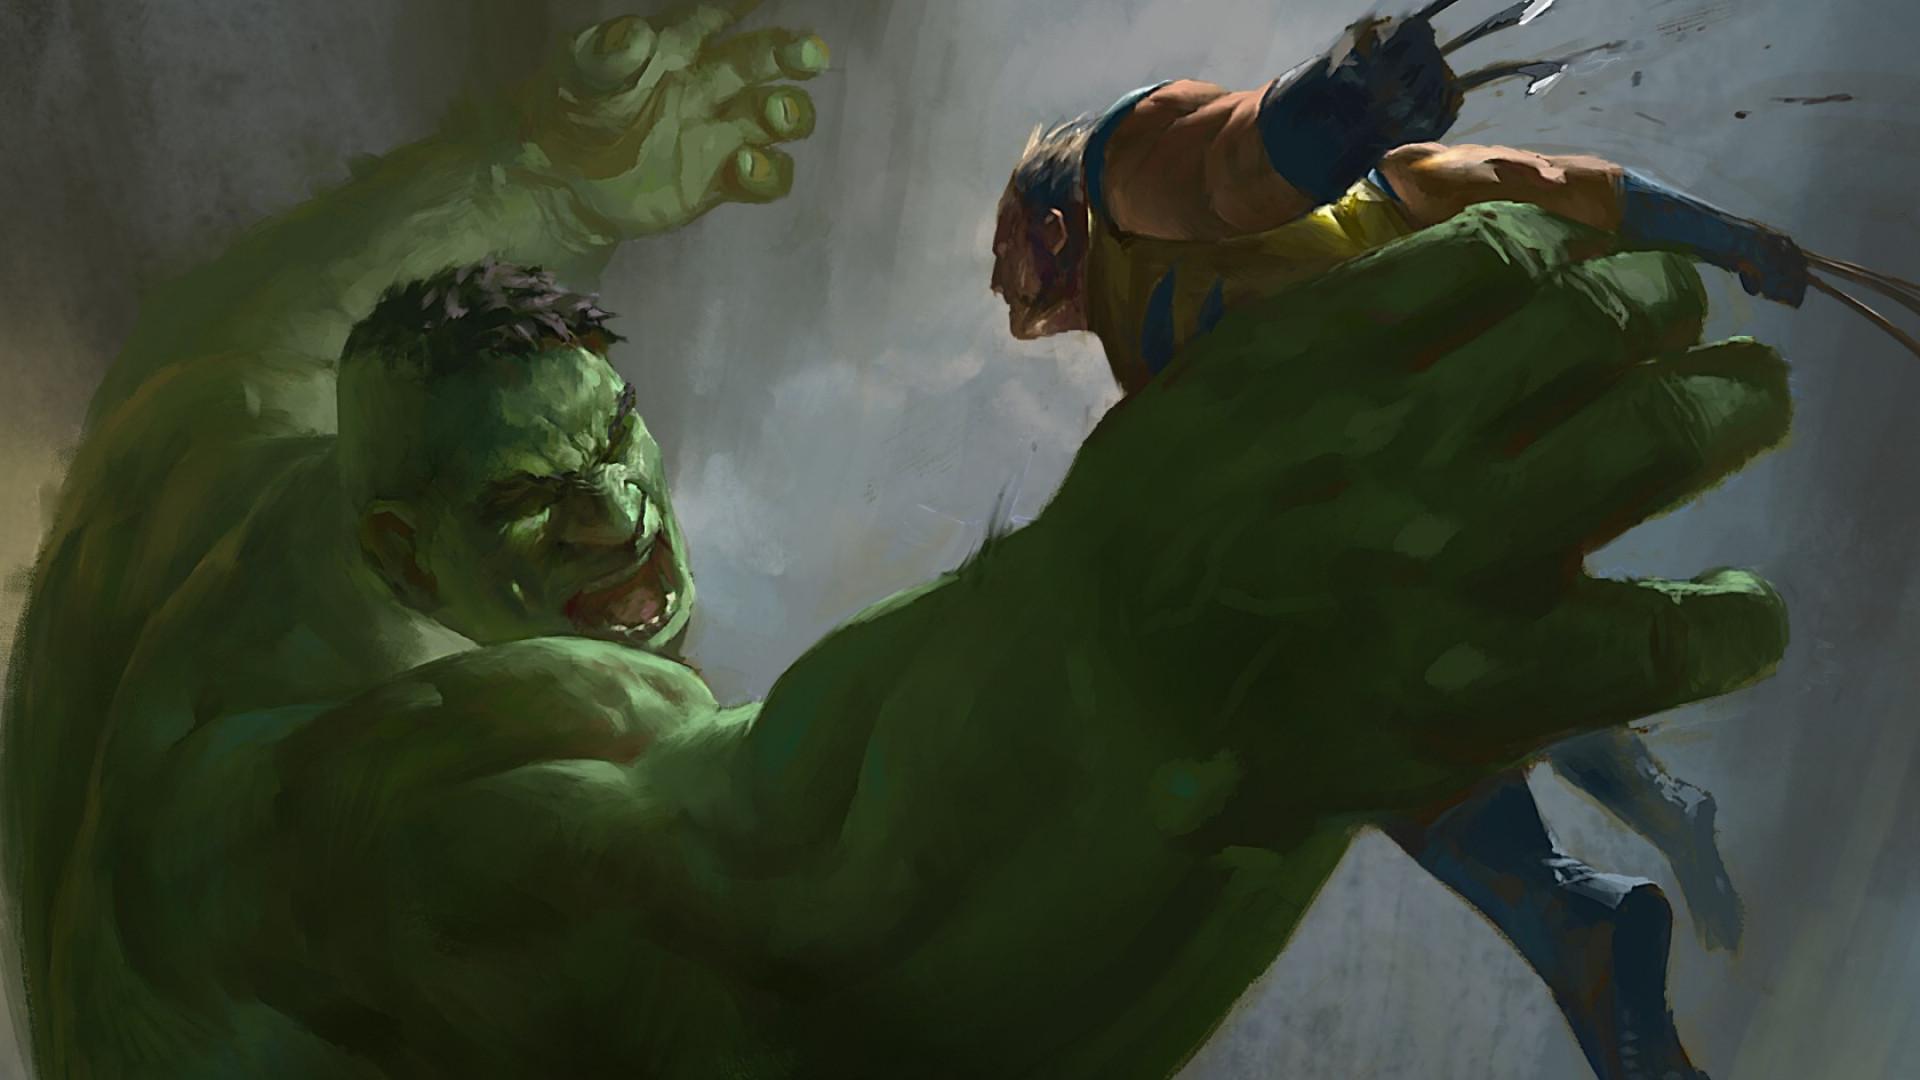 Incredible Hulk Live Wallpaper Download